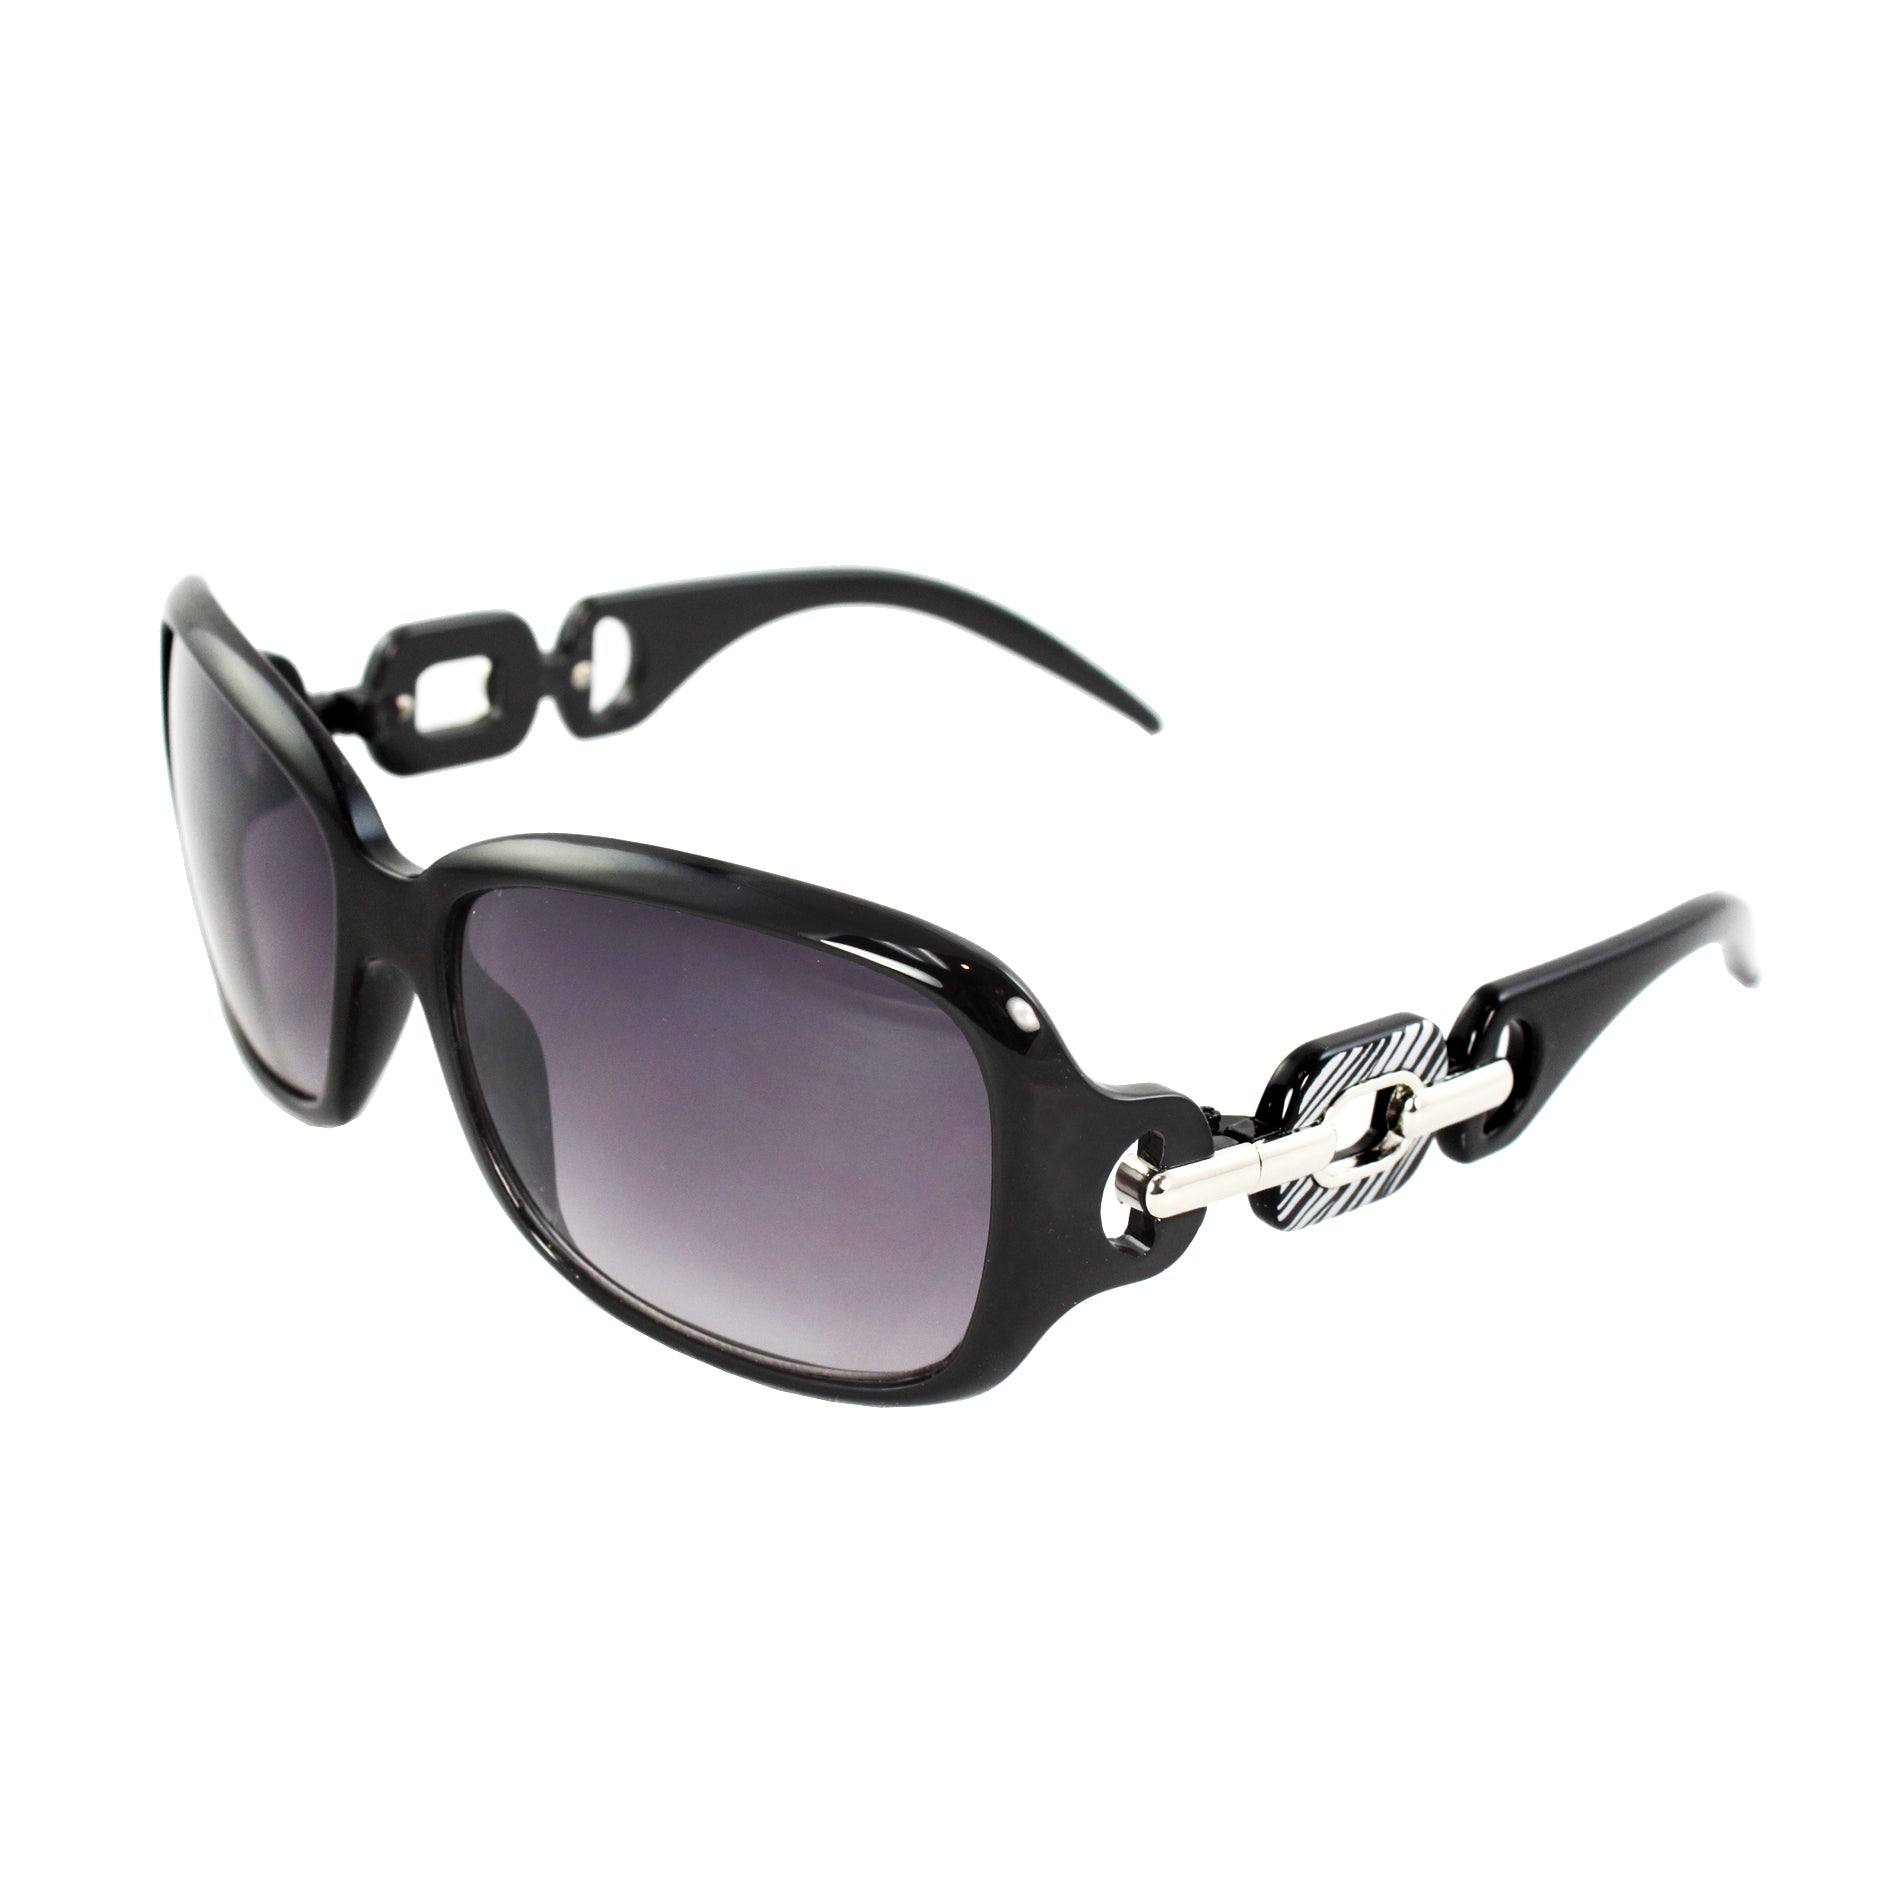 Square Fashion Sunglasses Black Frame Purple Black Lenses for Women